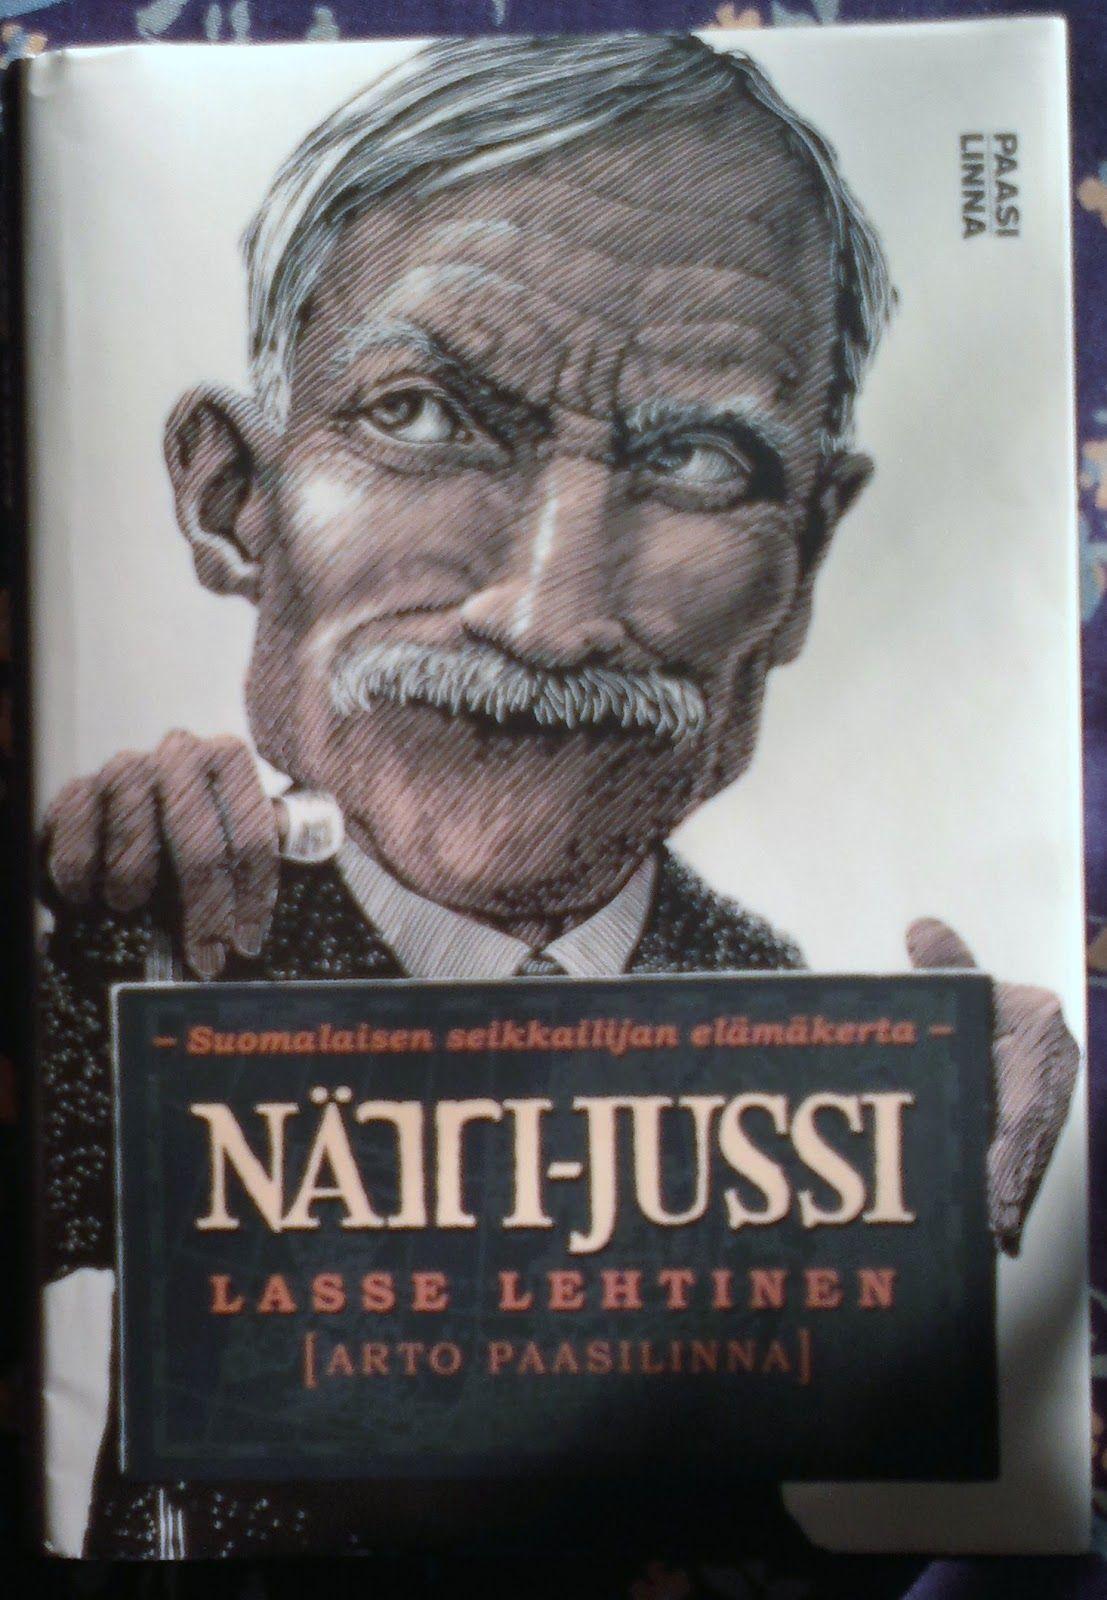 Arde arvioi: Lasse Lehtinen: Nätti-Jussi